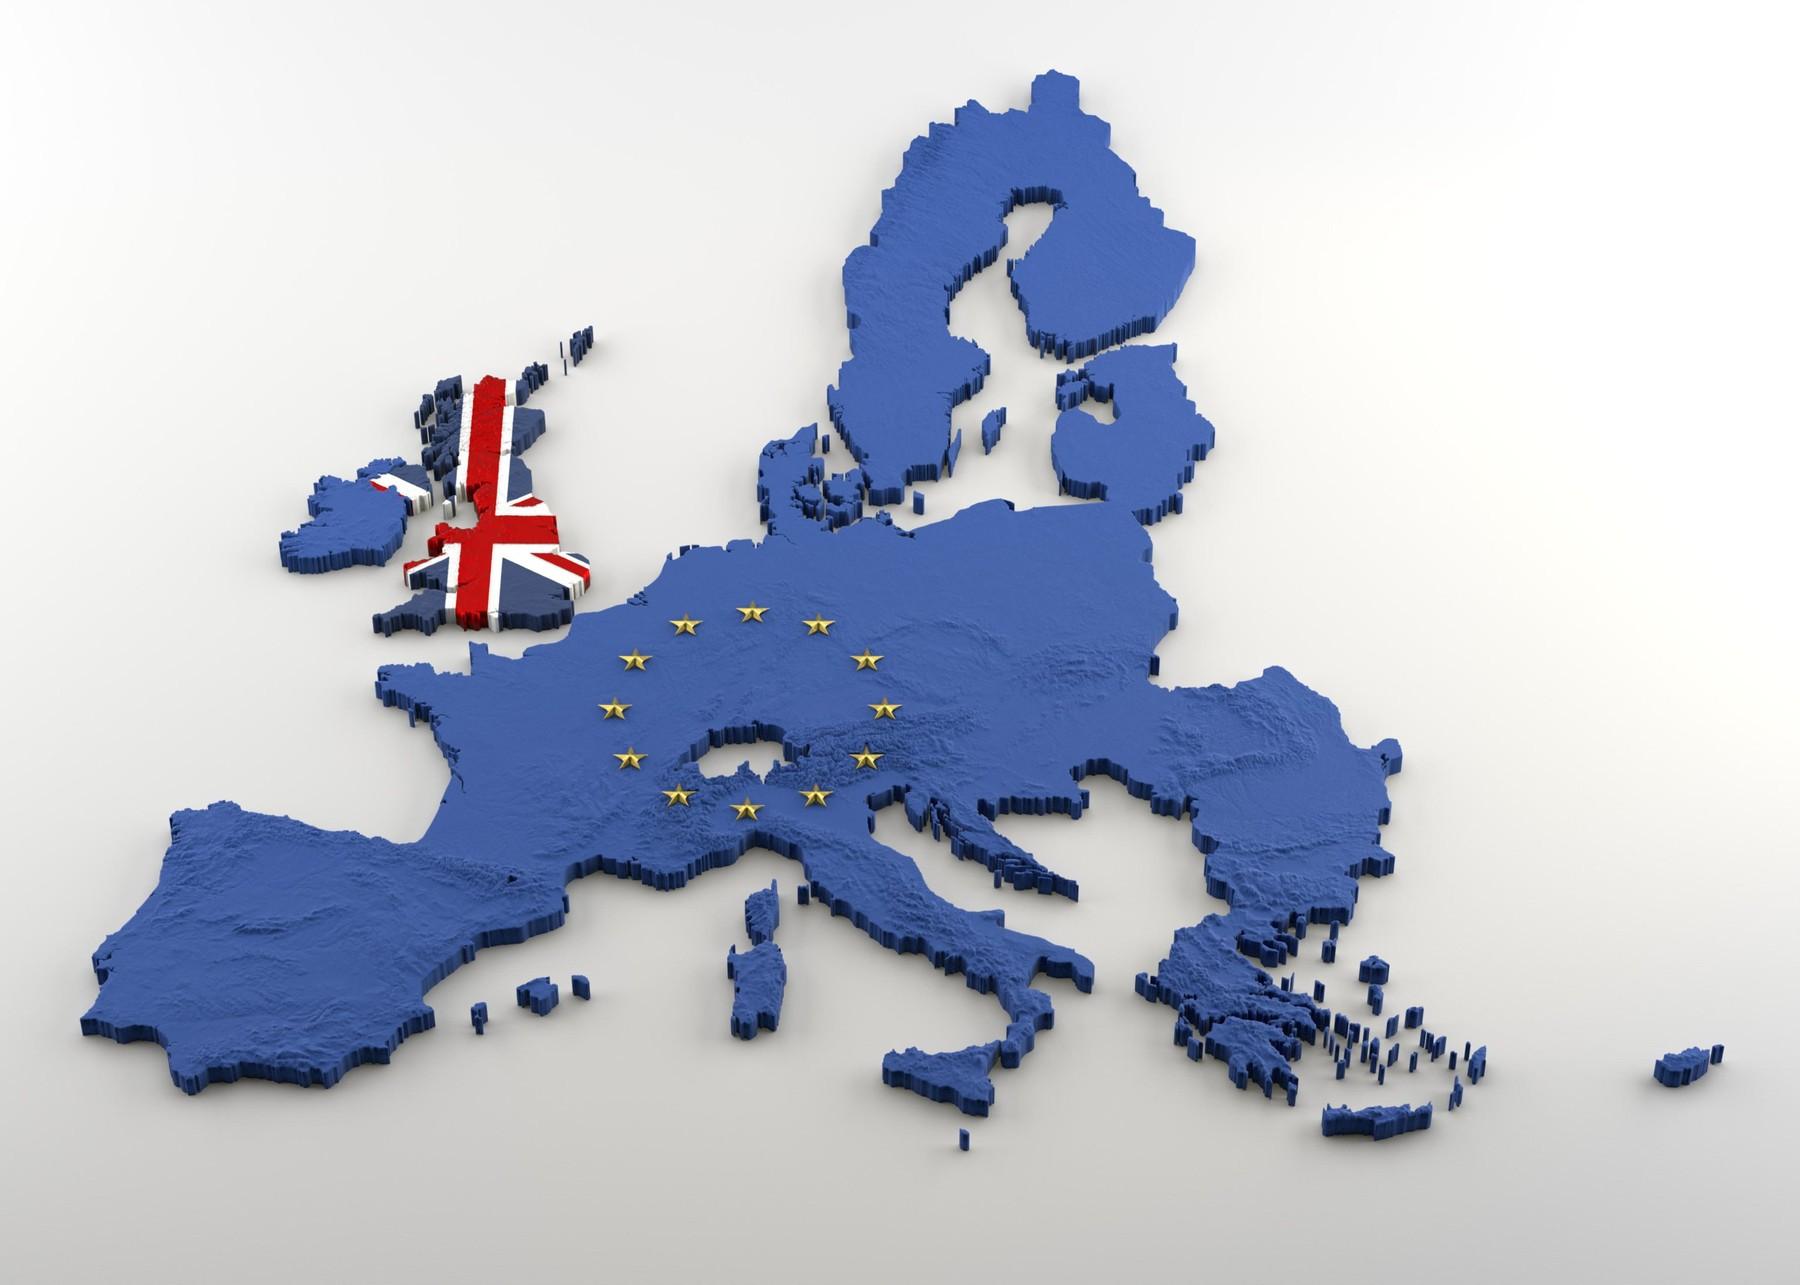 Guvernul Marii Britanii speră să ajungă la un acord cu UE privind relaţiile post-Brexit